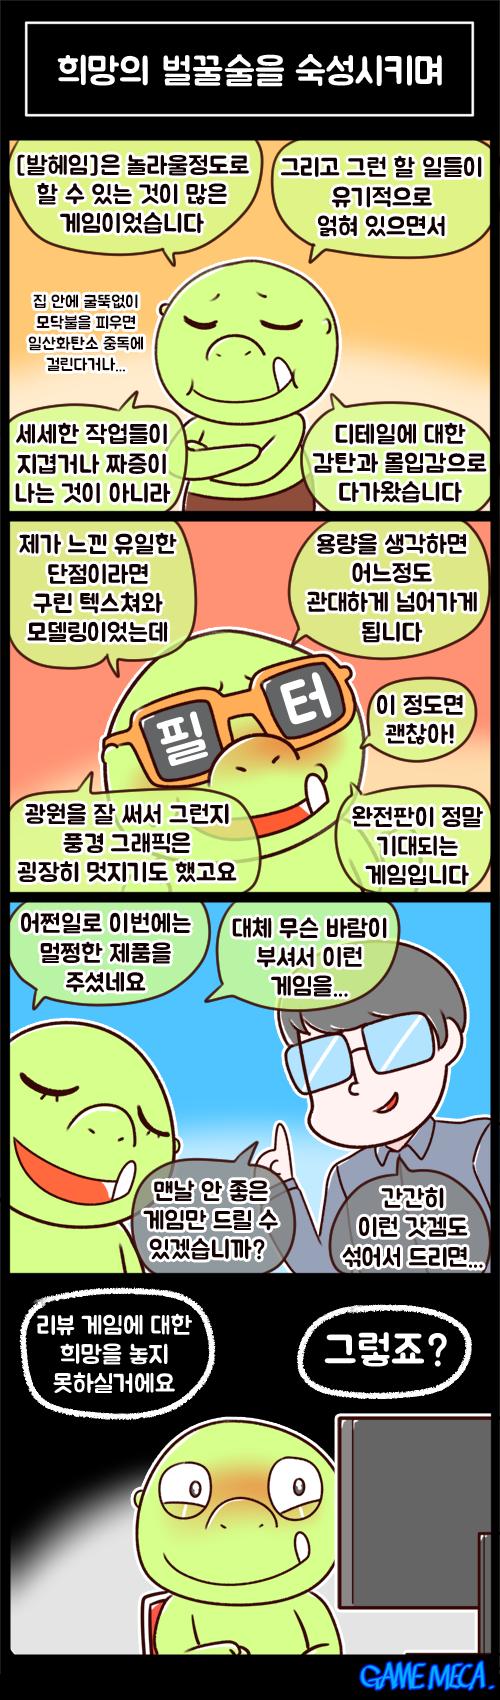 발하임 발헤임 노동8호